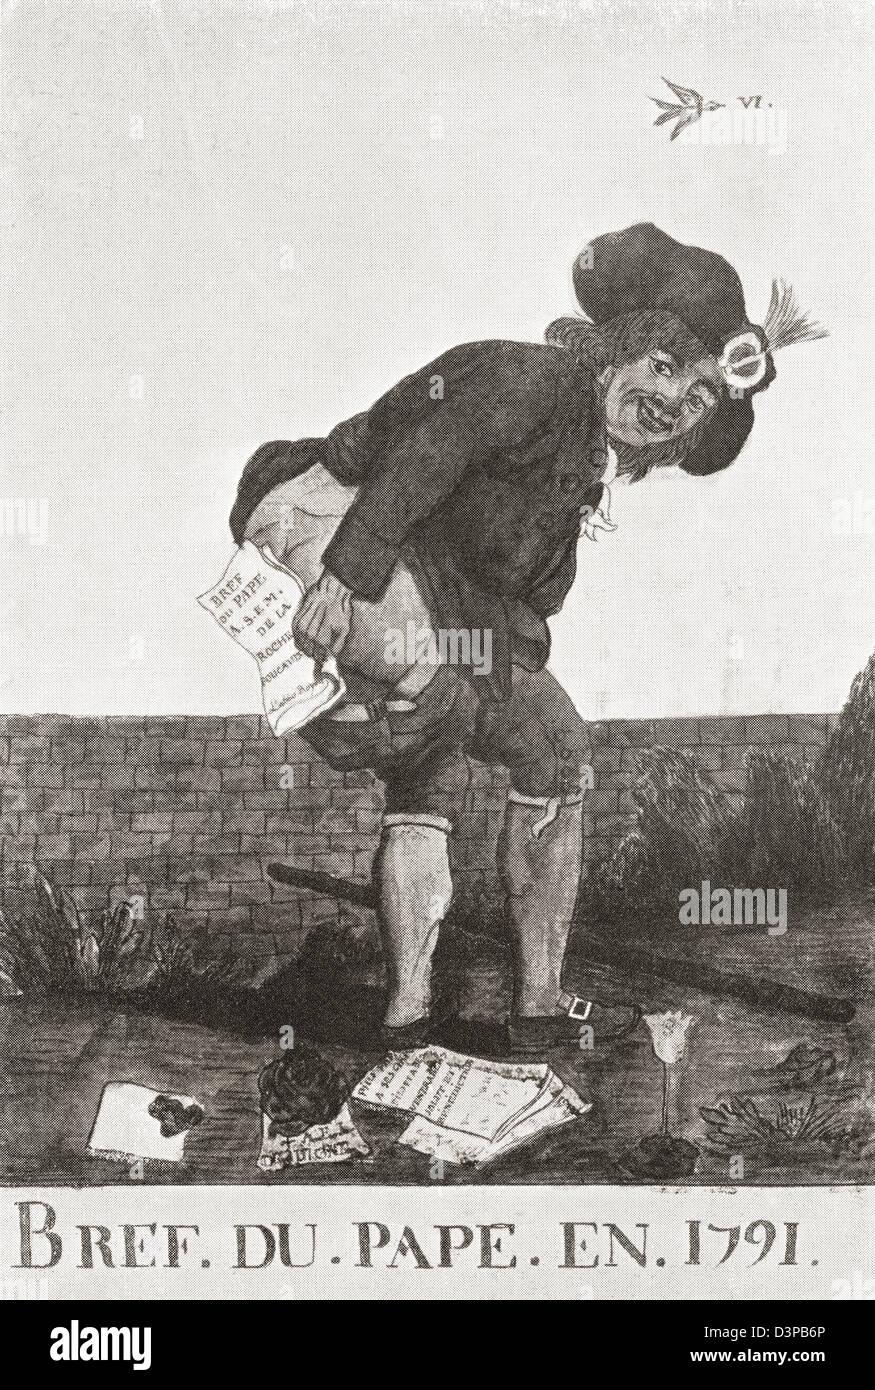 Dessin animé satirique brocardant le bref du pape Pie VI en 1791 pendant la Révolution française. Photo Stock